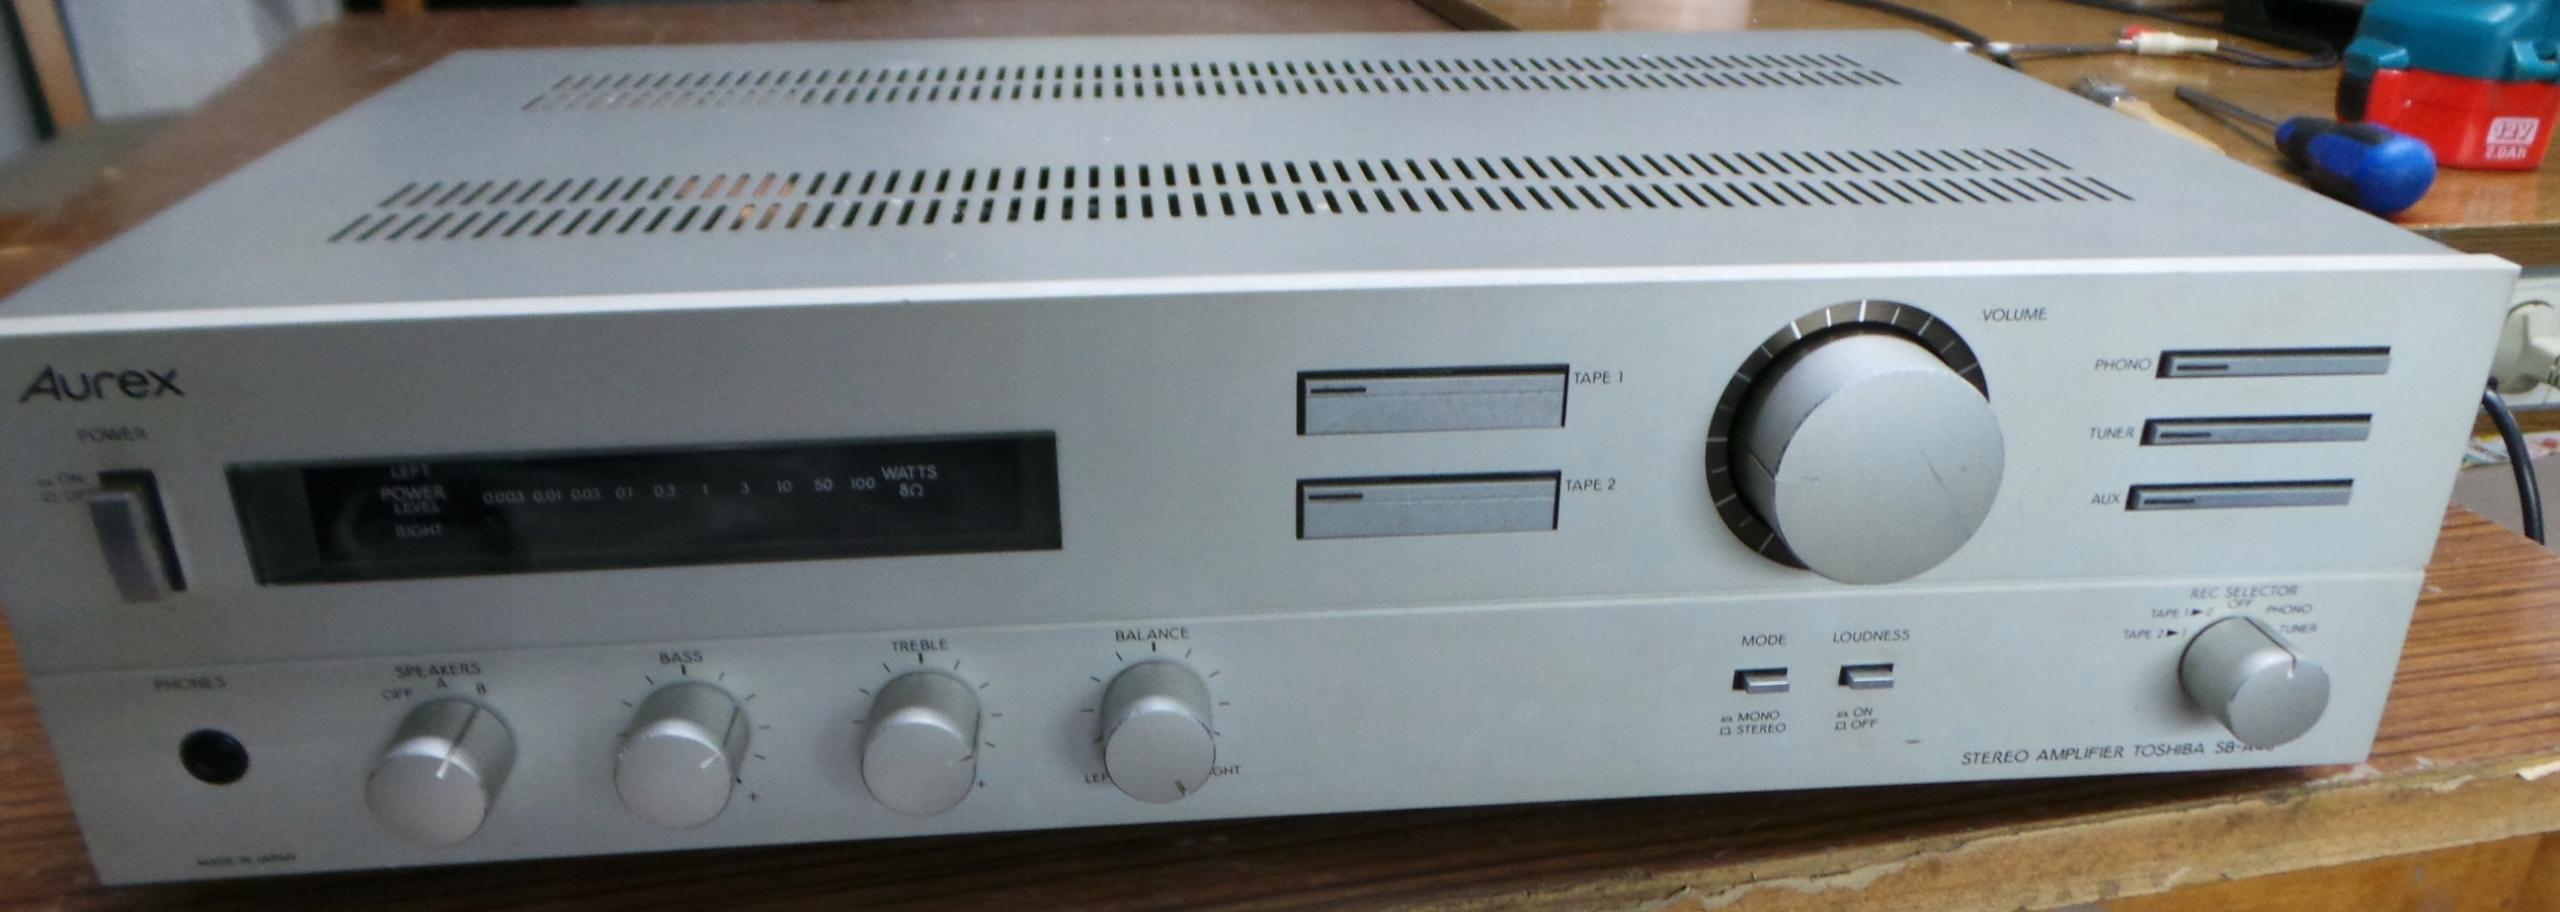 Toshiba Aurex SB-A45